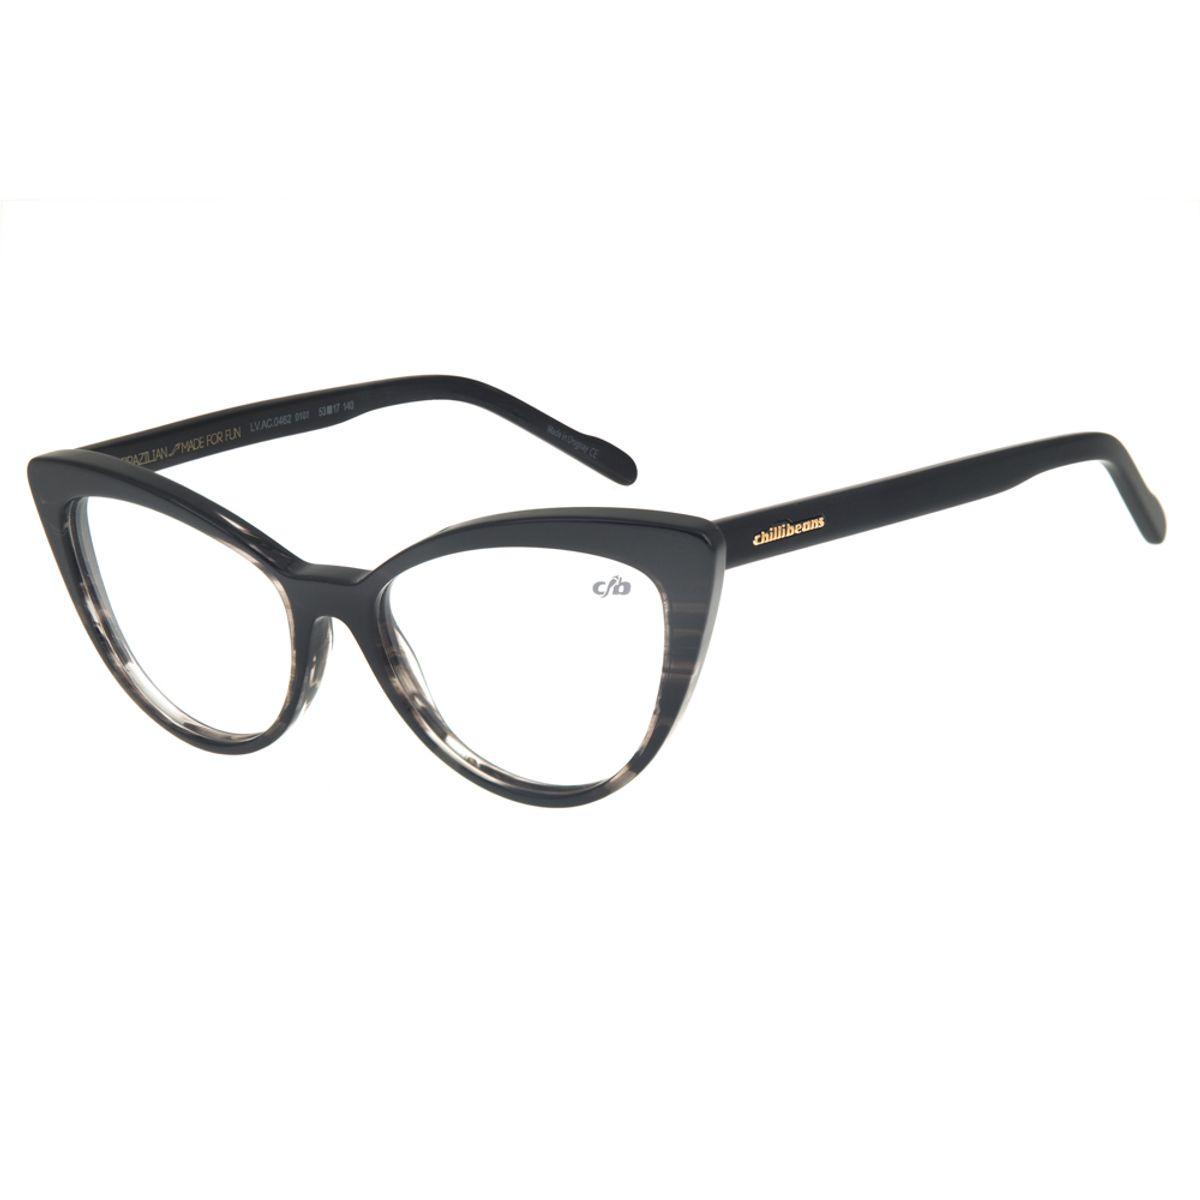 256cf6a3e Armação para Óculos de Grau Chilli Beans Gatinho Feminino Preto ...